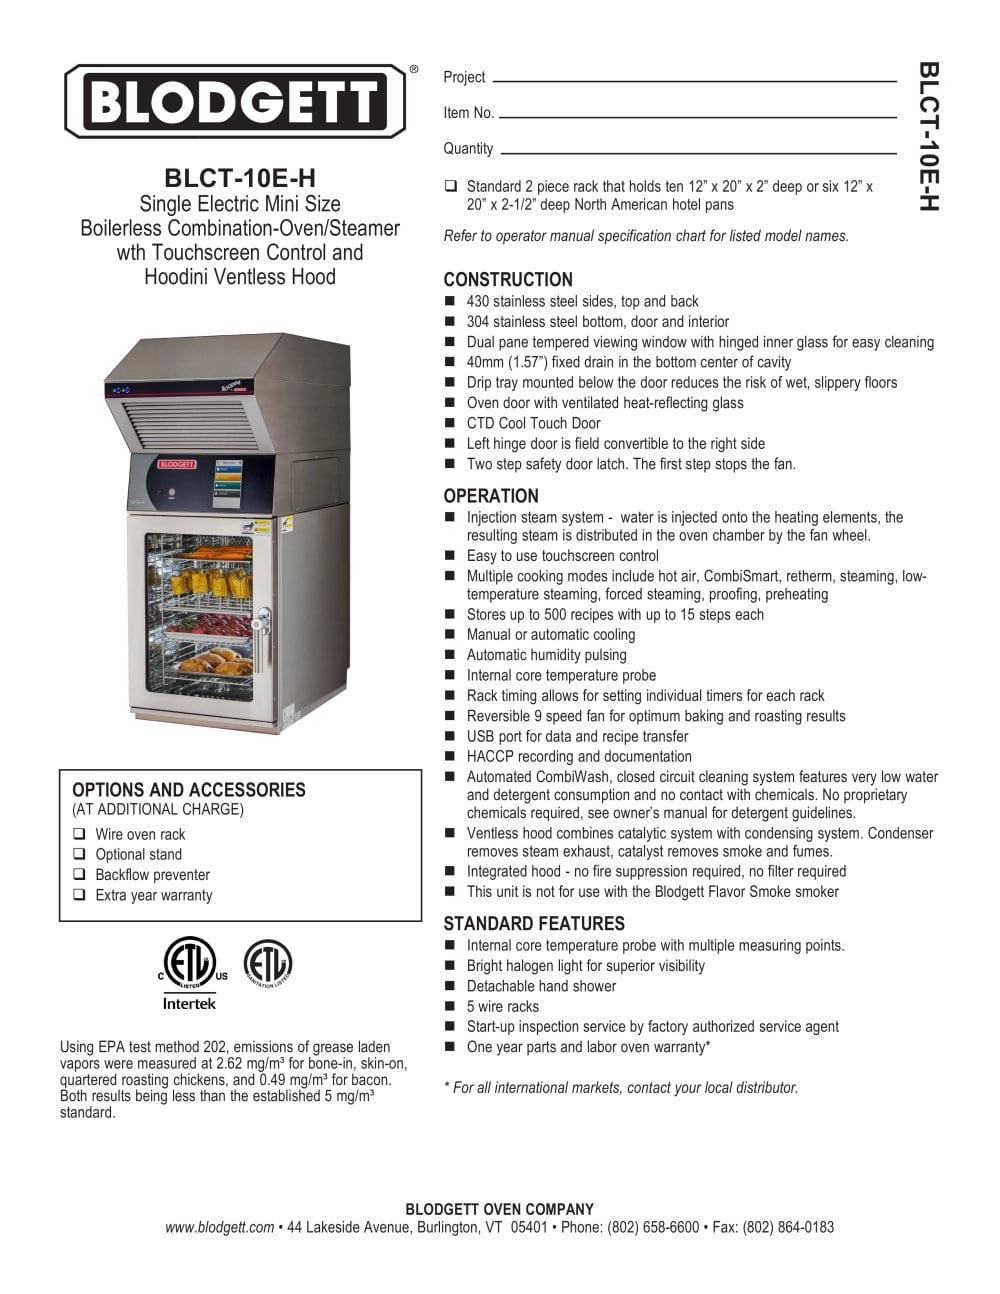 Zsi Oven Wiring Diagram And Schematics Blodgett Schematic Rh Insidersa Co Roper Electric Wire Harness Ponen Parts Model Blct 10e H Bi With Hoodini